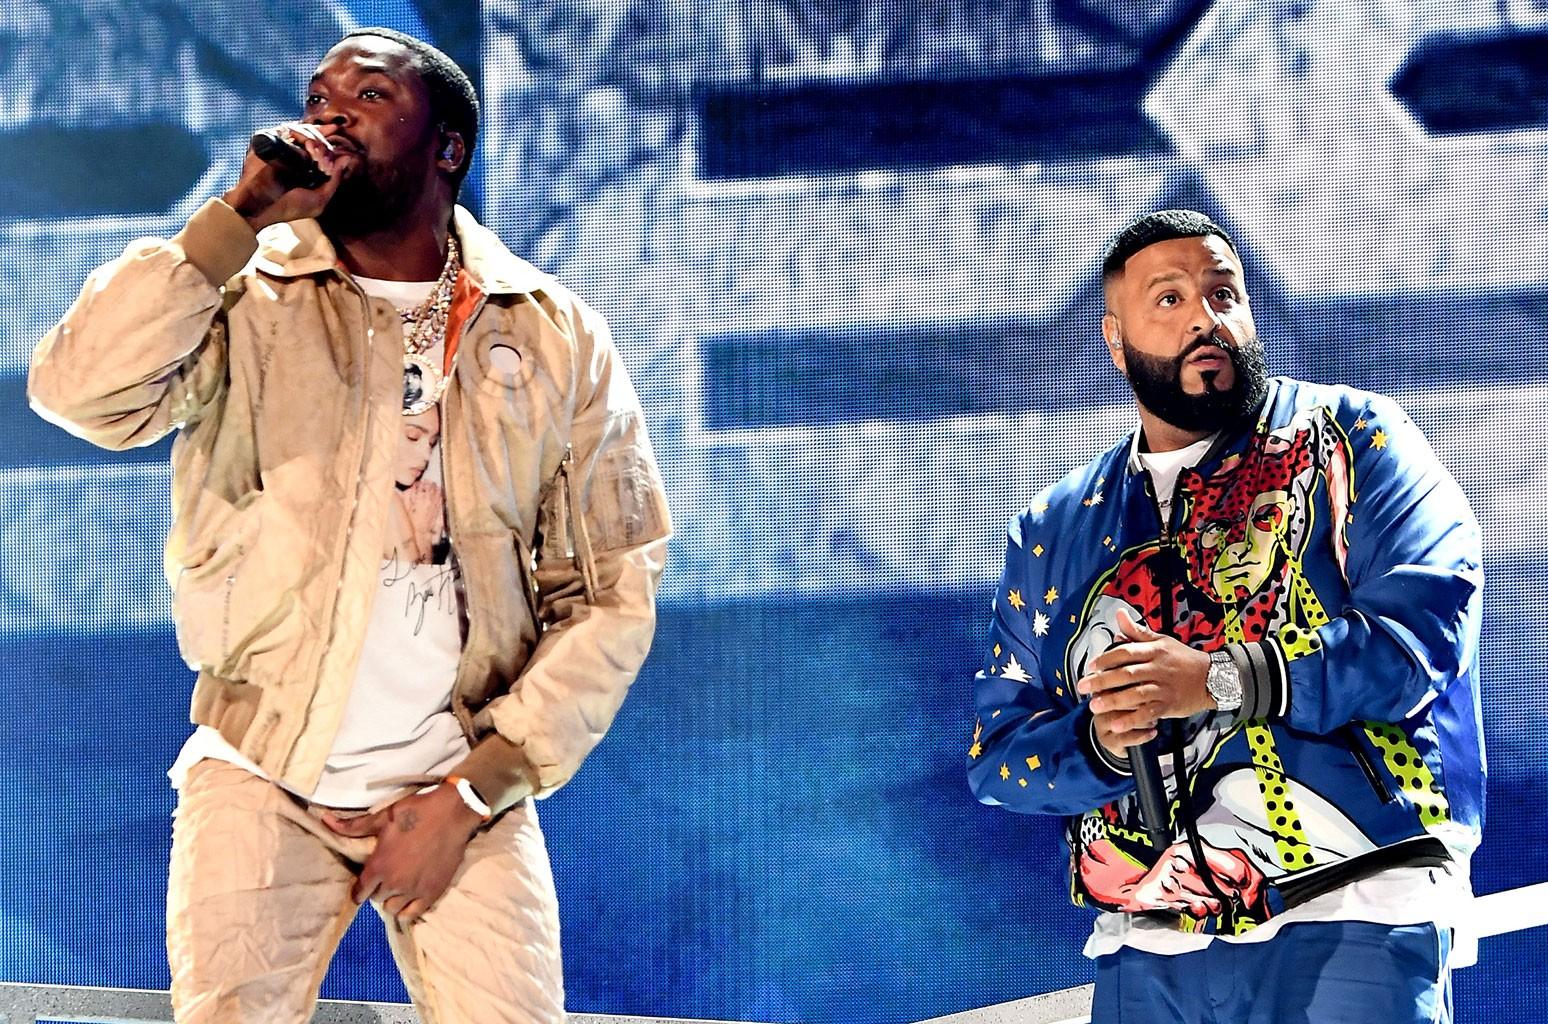 Meek Mill and DJ Khaled